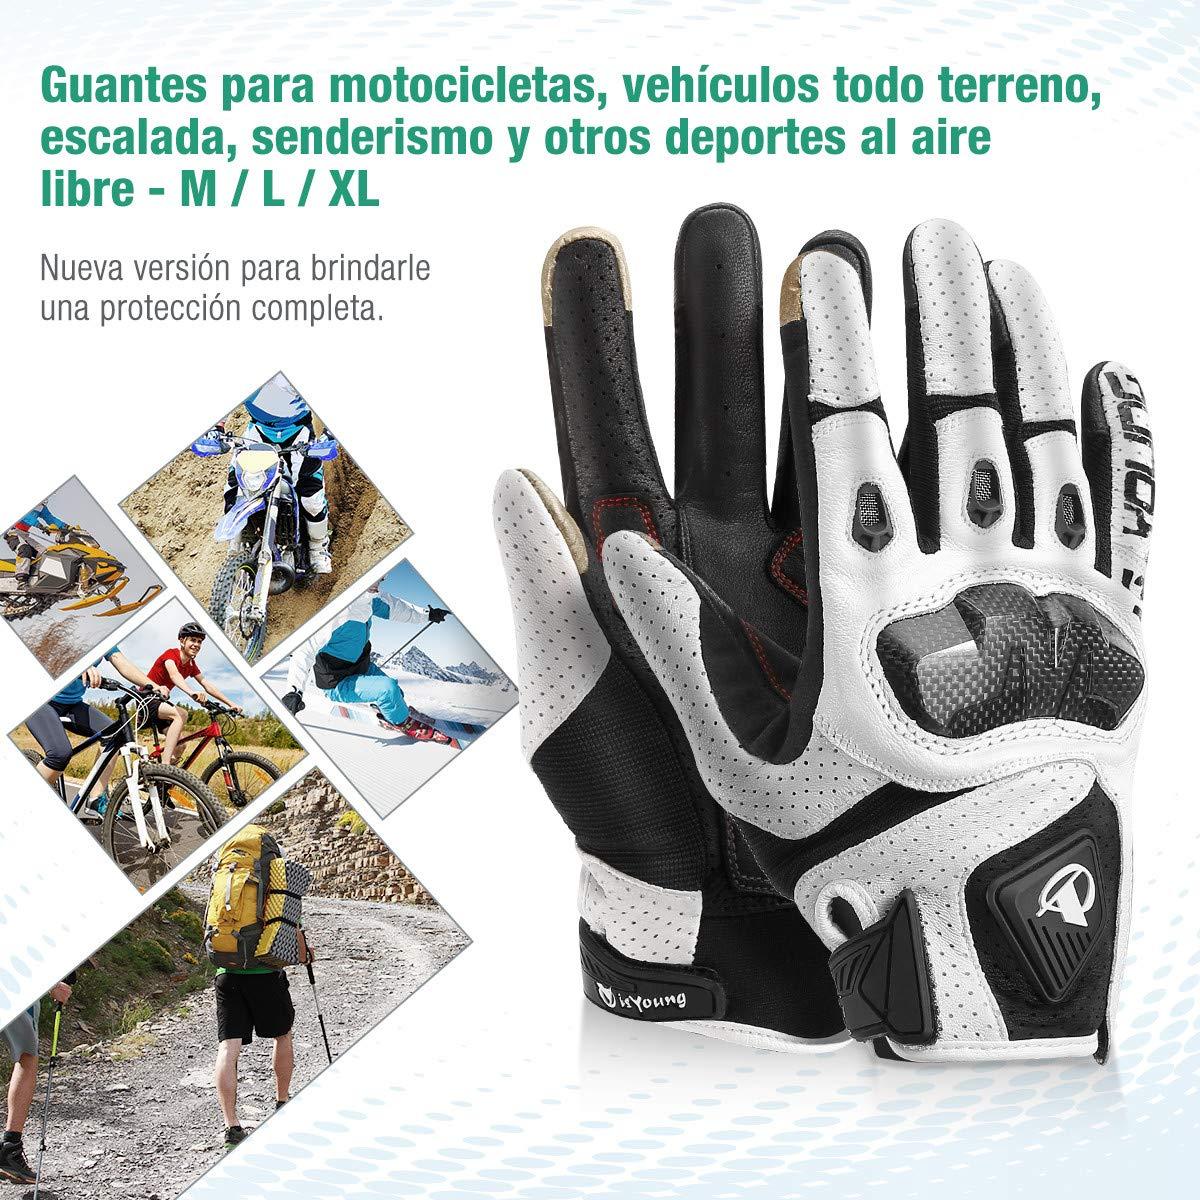 isYoung Guantes de Ciclismo, Guantes para Bicicleta de Pantalla Táctil para Mujer y Hombre Ajustable Invierno/Verano para Conducción Ciclismo Alpinismo Moto Deportivos, Camping, Trabajo(L/Blanco)